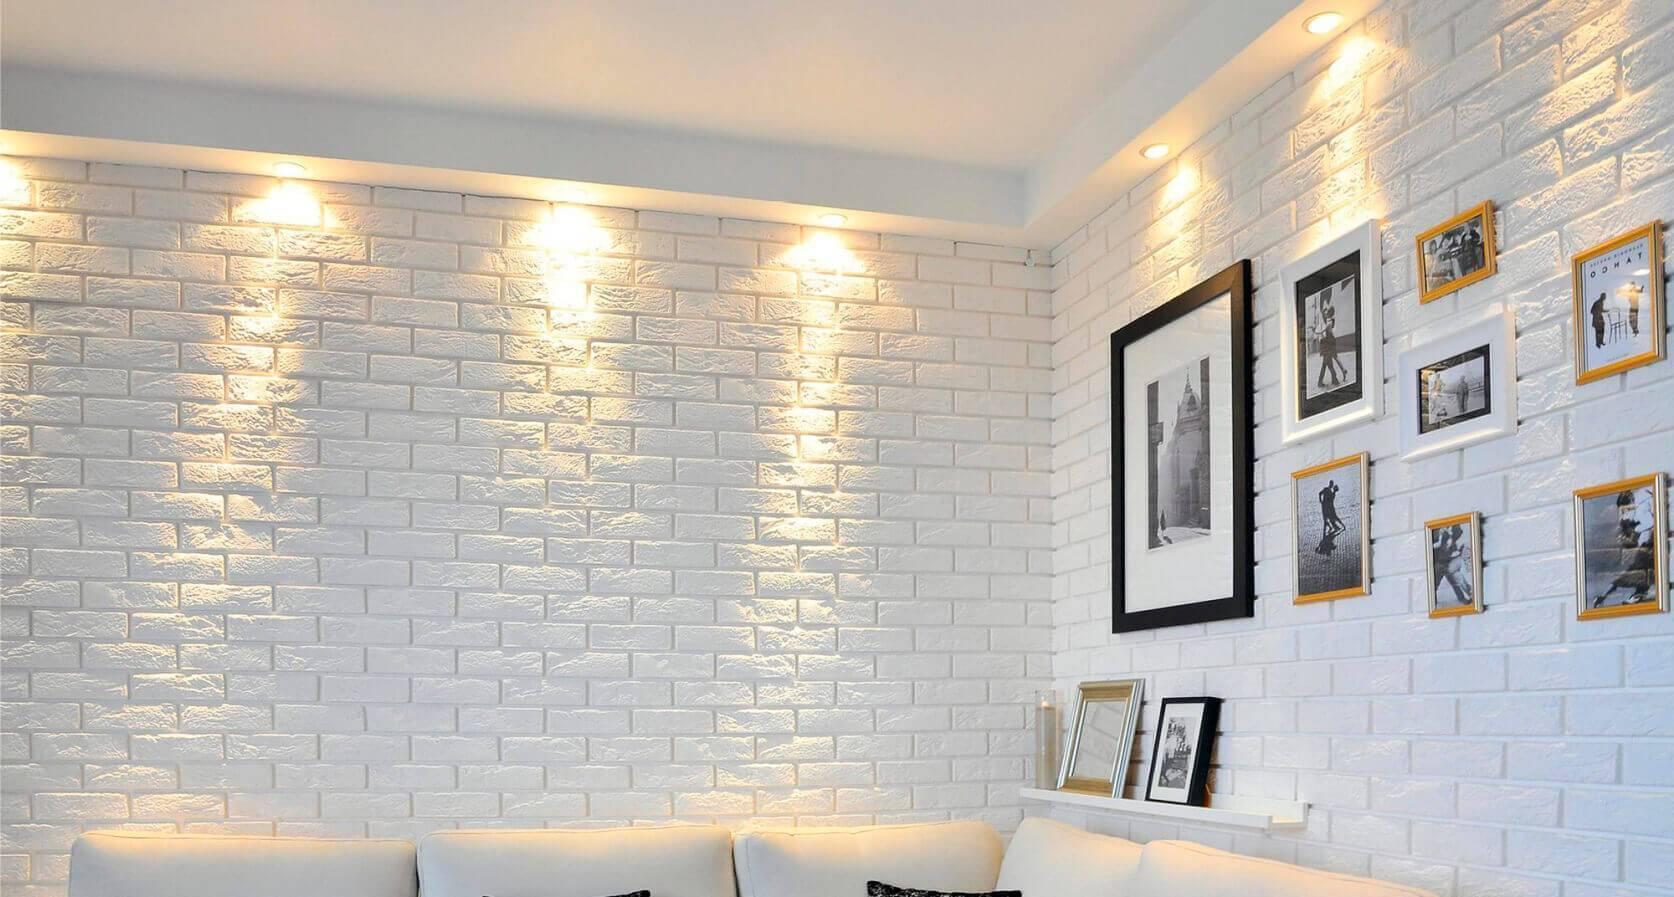 Декоративная плитка для внутренней отделки: красивая укладка на стену, кафель и гипс, фото